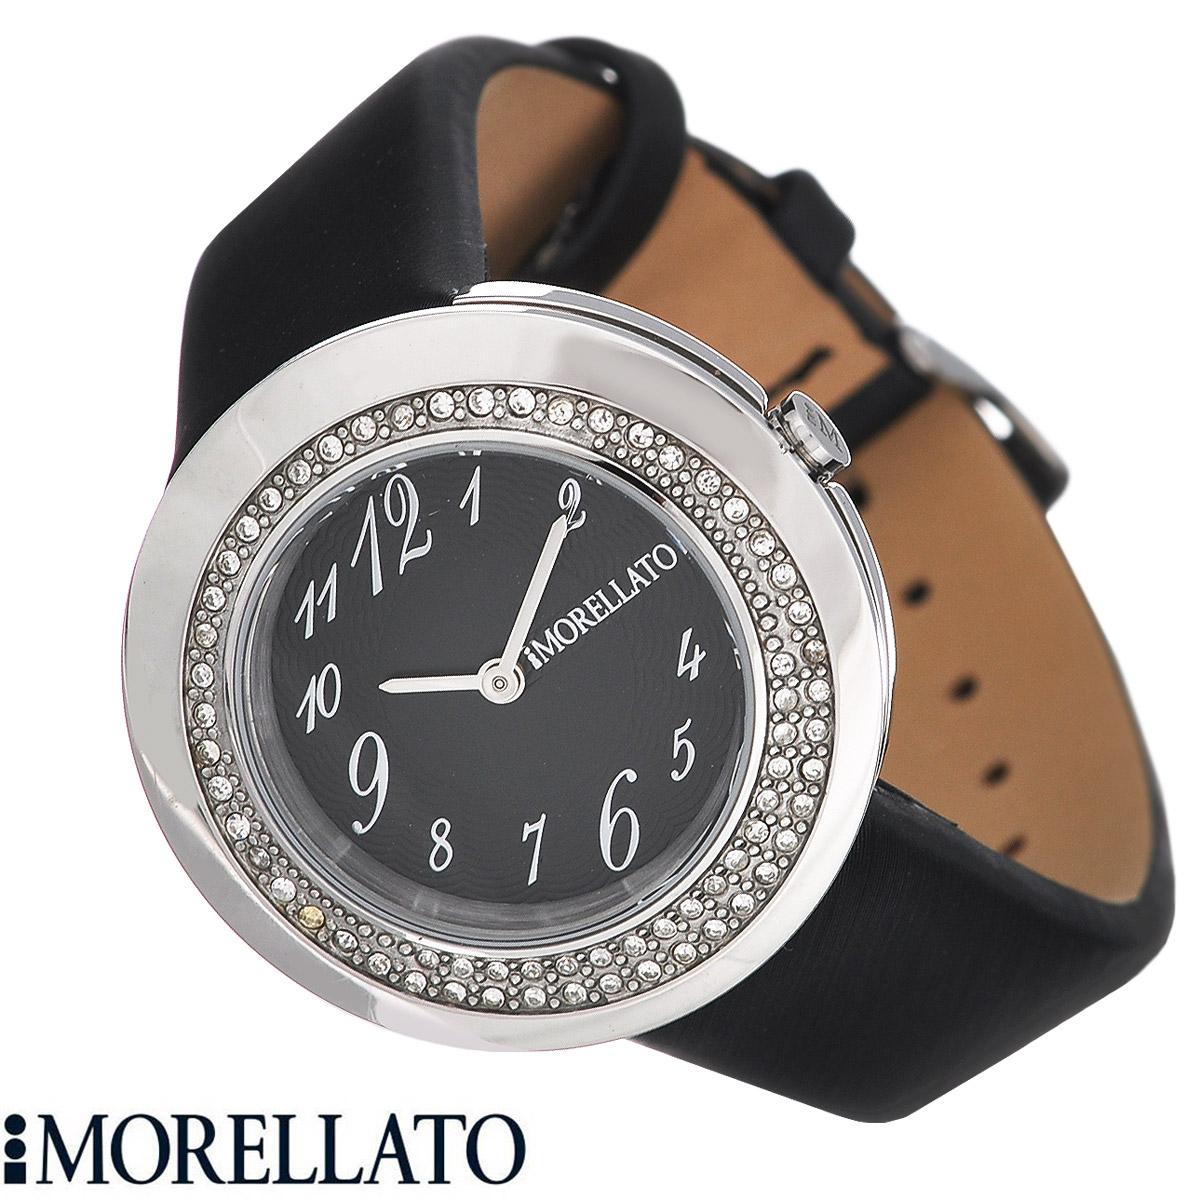 Часы женские наручные Morellato, цвет: серебристый, темно-серый. R0151112503BM8434-58AEНаручные женские часы Morellato оснащены кварцевым механизмом. Корпус выполнен из высококачественной нержавеющей стали и по контуру циферблата инкрустирован кристаллами. Циферблат с арабскими цифрами защищен минеральным стеклом. Часы имеют две стрелки - часовую и минутную. Ремешок часов выполнен из натуральной кожи с шелковистой отделкой и оснащен классической застежкой. Часы укомплектованы паспортом с подробной инструкцией. Часы Morellato отличаются уникальным, но в то же время простым и лаконичным стилем. Характеристики:Диаметр циферблата: 2,3 см.Размер корпуса: 3,4 см х 3,4 см х 0,6 см.Длина ремешка (с корпусом): 20,5 см.Ширина ремешка: 1,6 см.